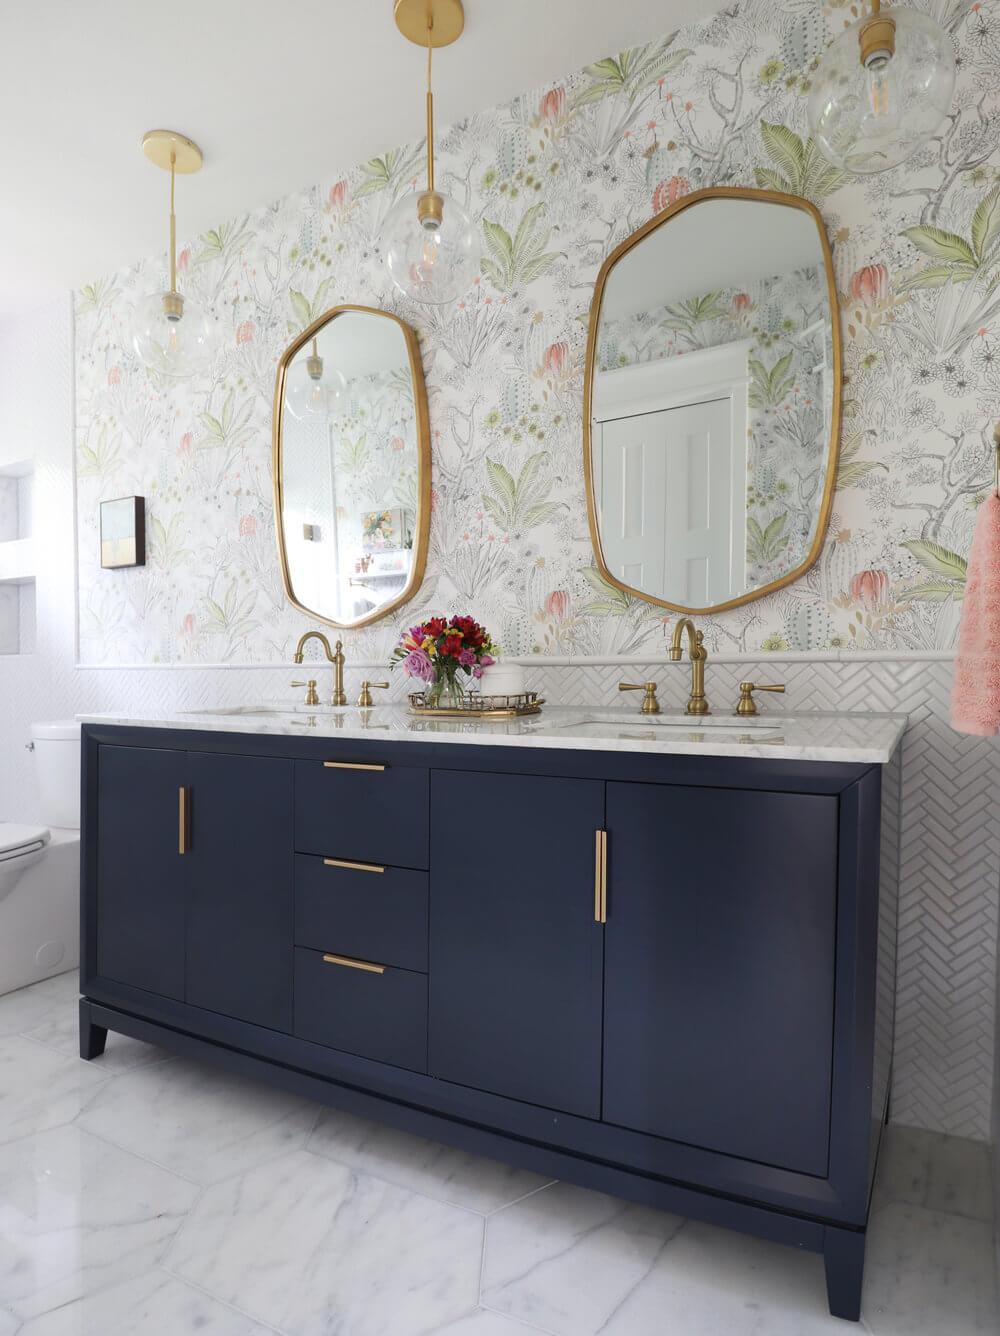 KristinLaing - bathroom reveal